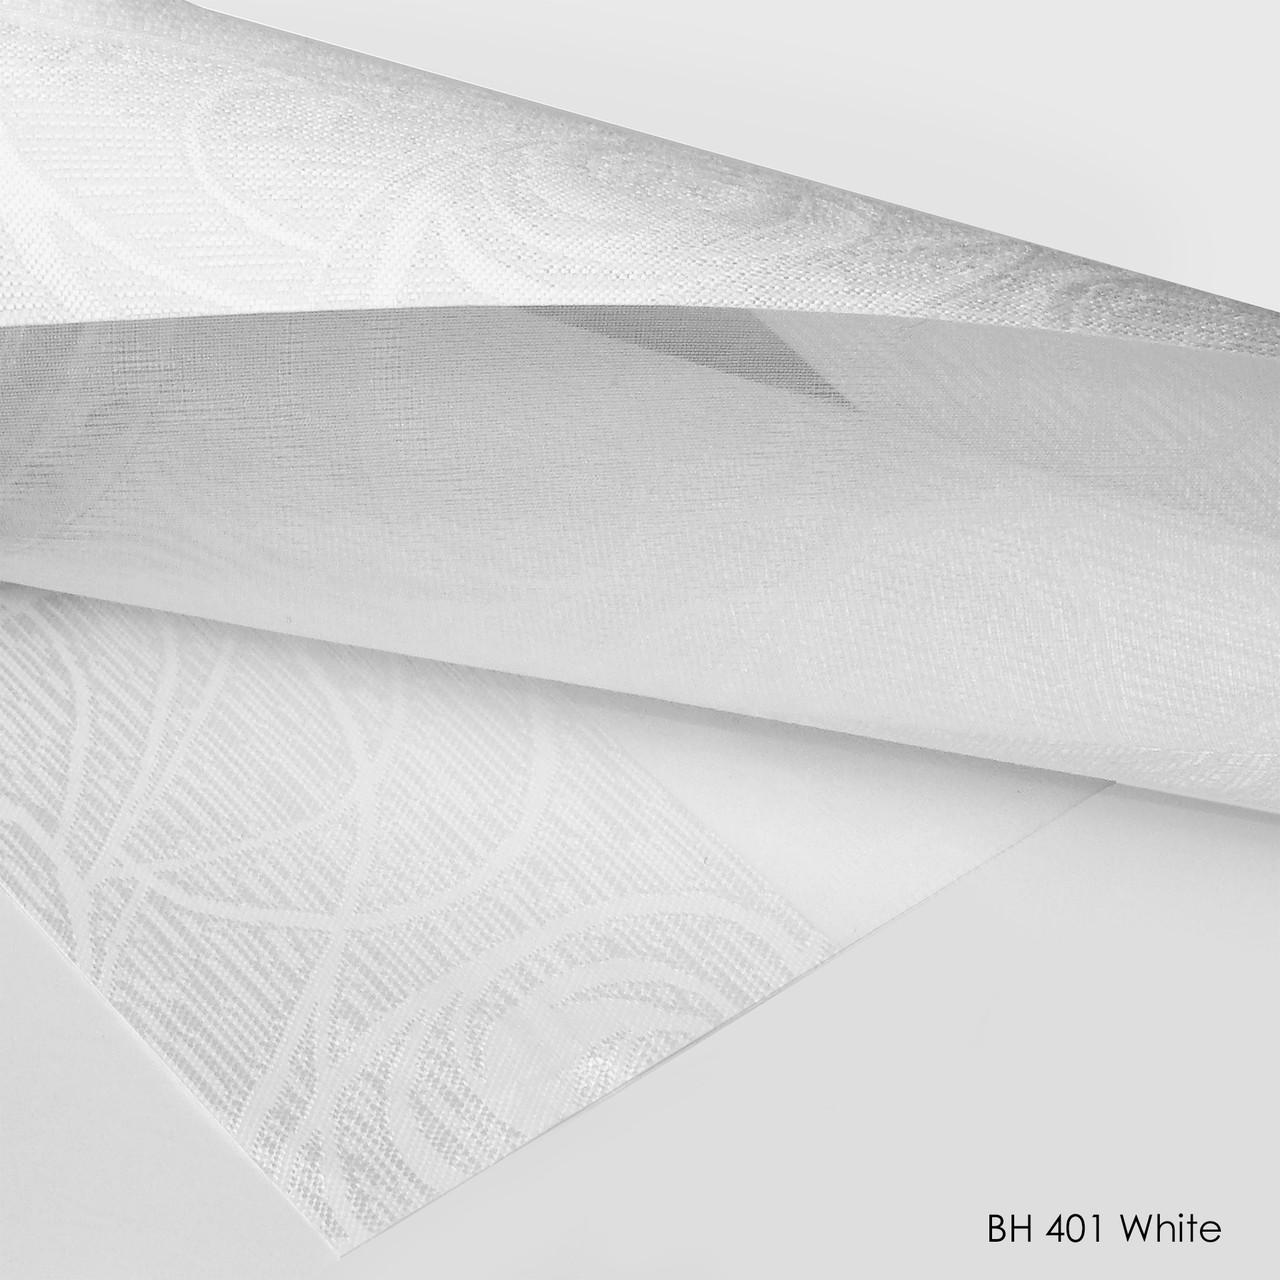 BH-401 white